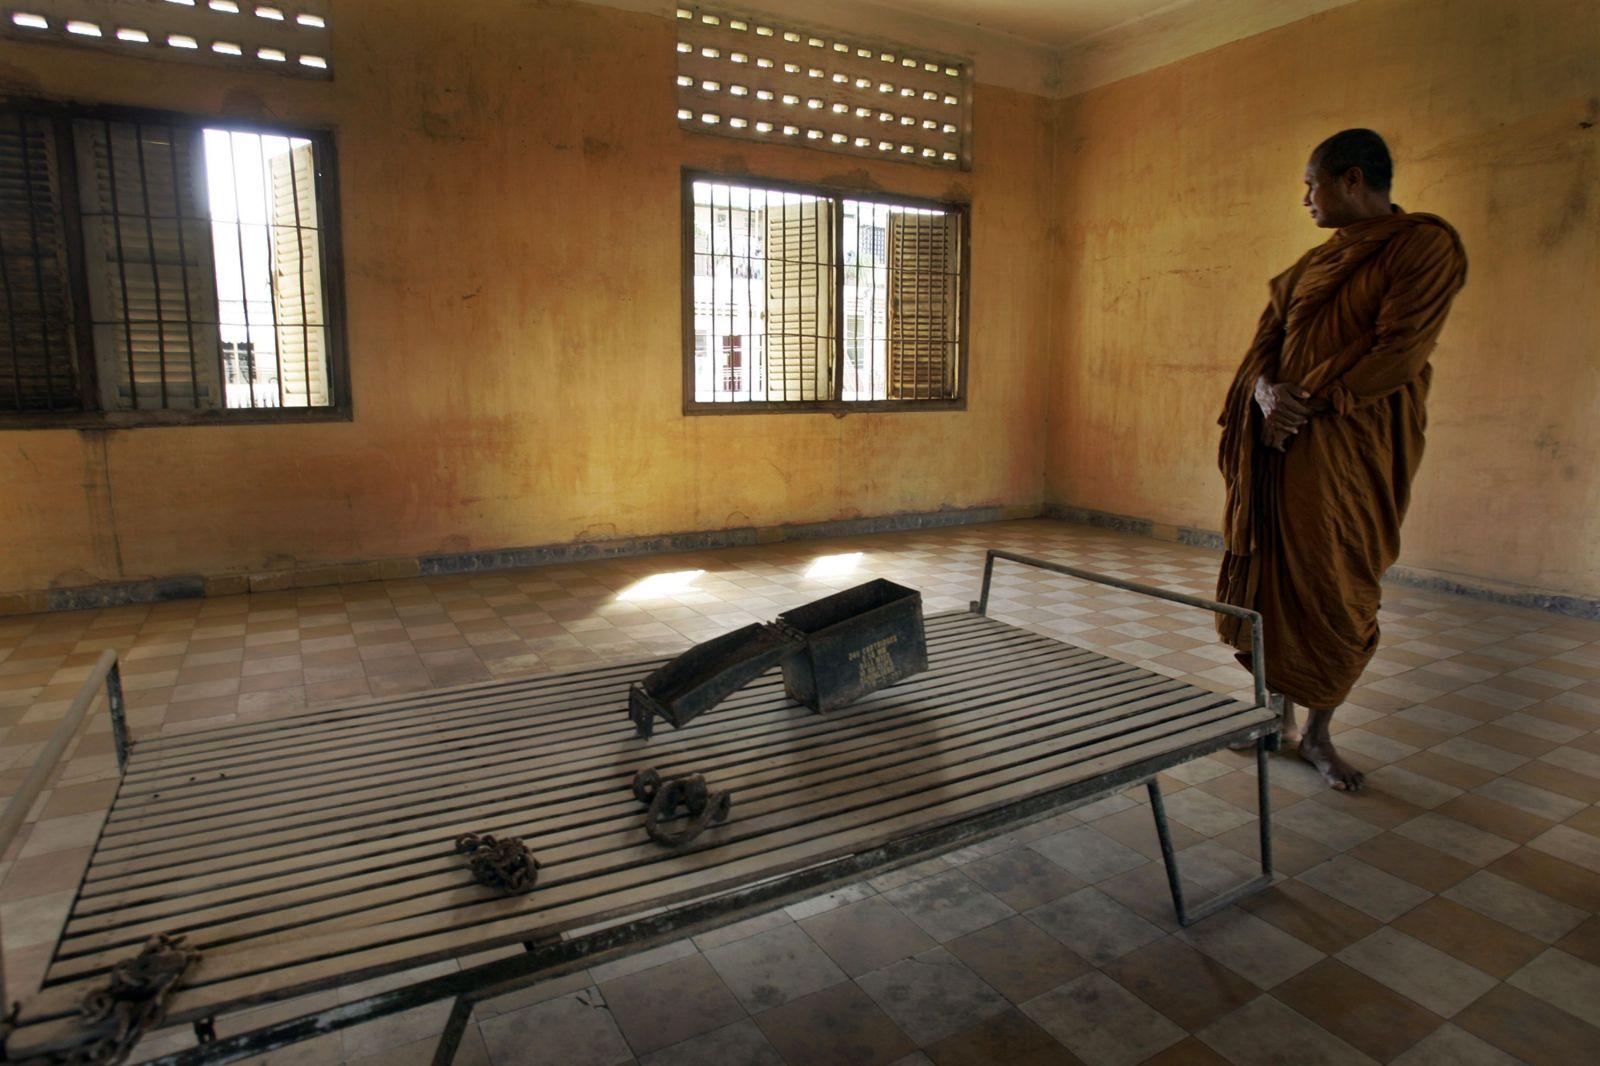 Bývalý riaditeľ väzenia Červených Kmérov zomrel. Bábätká nechal dobiť na smrť a zabil cez 16-tisíc ľudí.